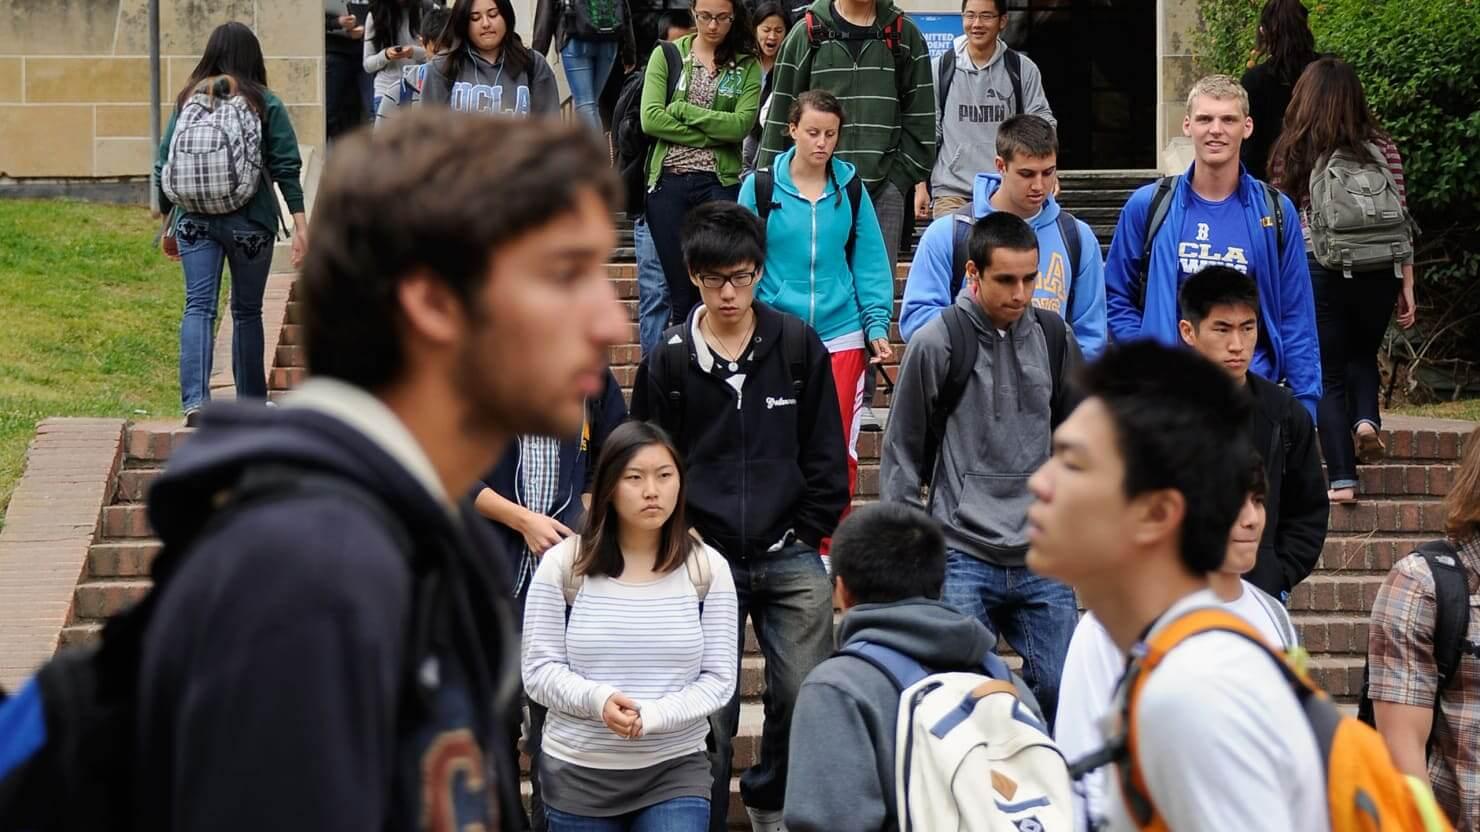 Un nuevo estudio revela que el 21% de los millennials latinoamericanos ni estudia ni trabaja